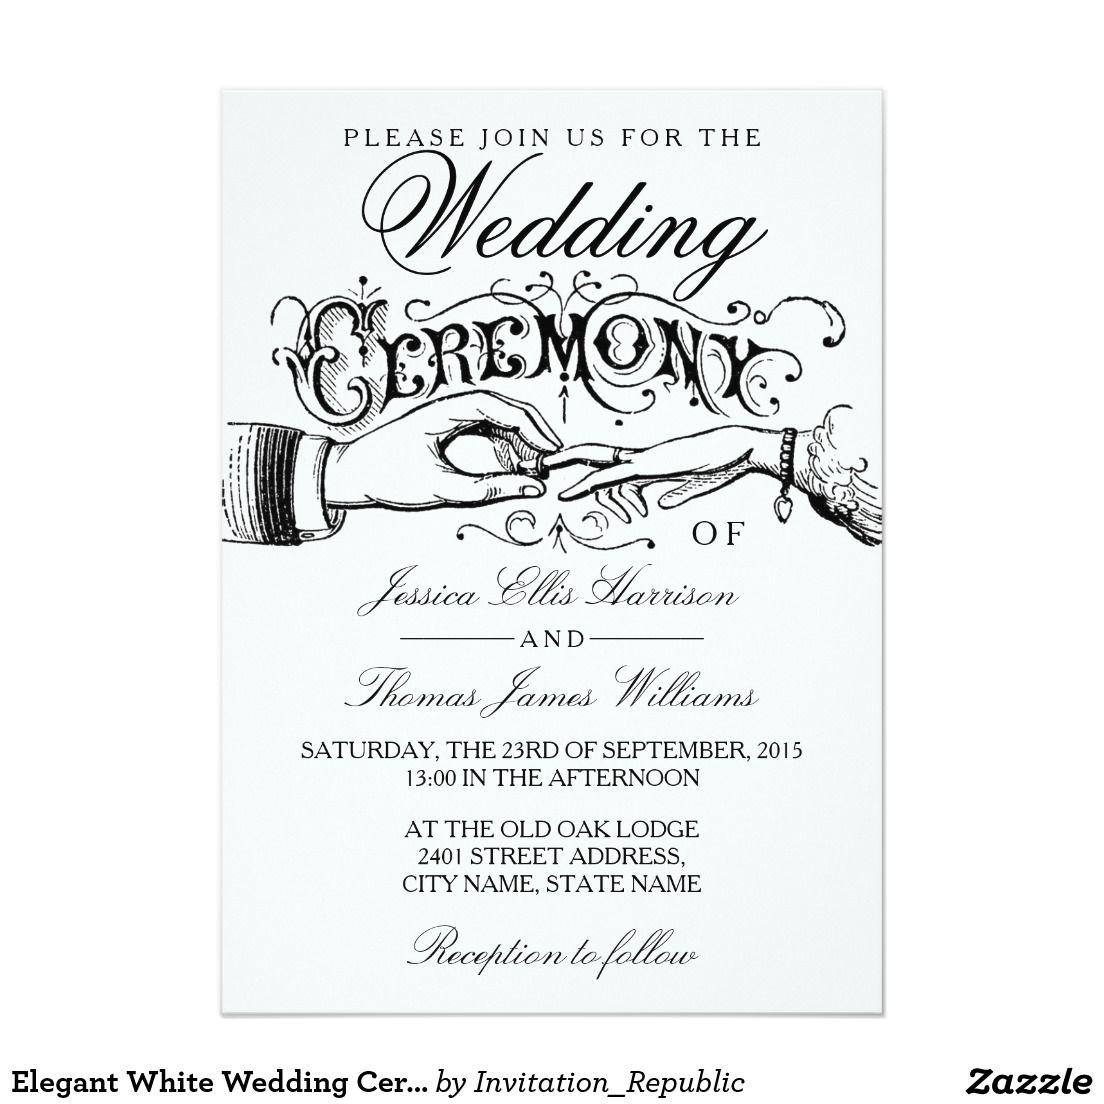 Elegant White Wedding Ceremony Invitations | TYPOGRAPHY WEDDING ...